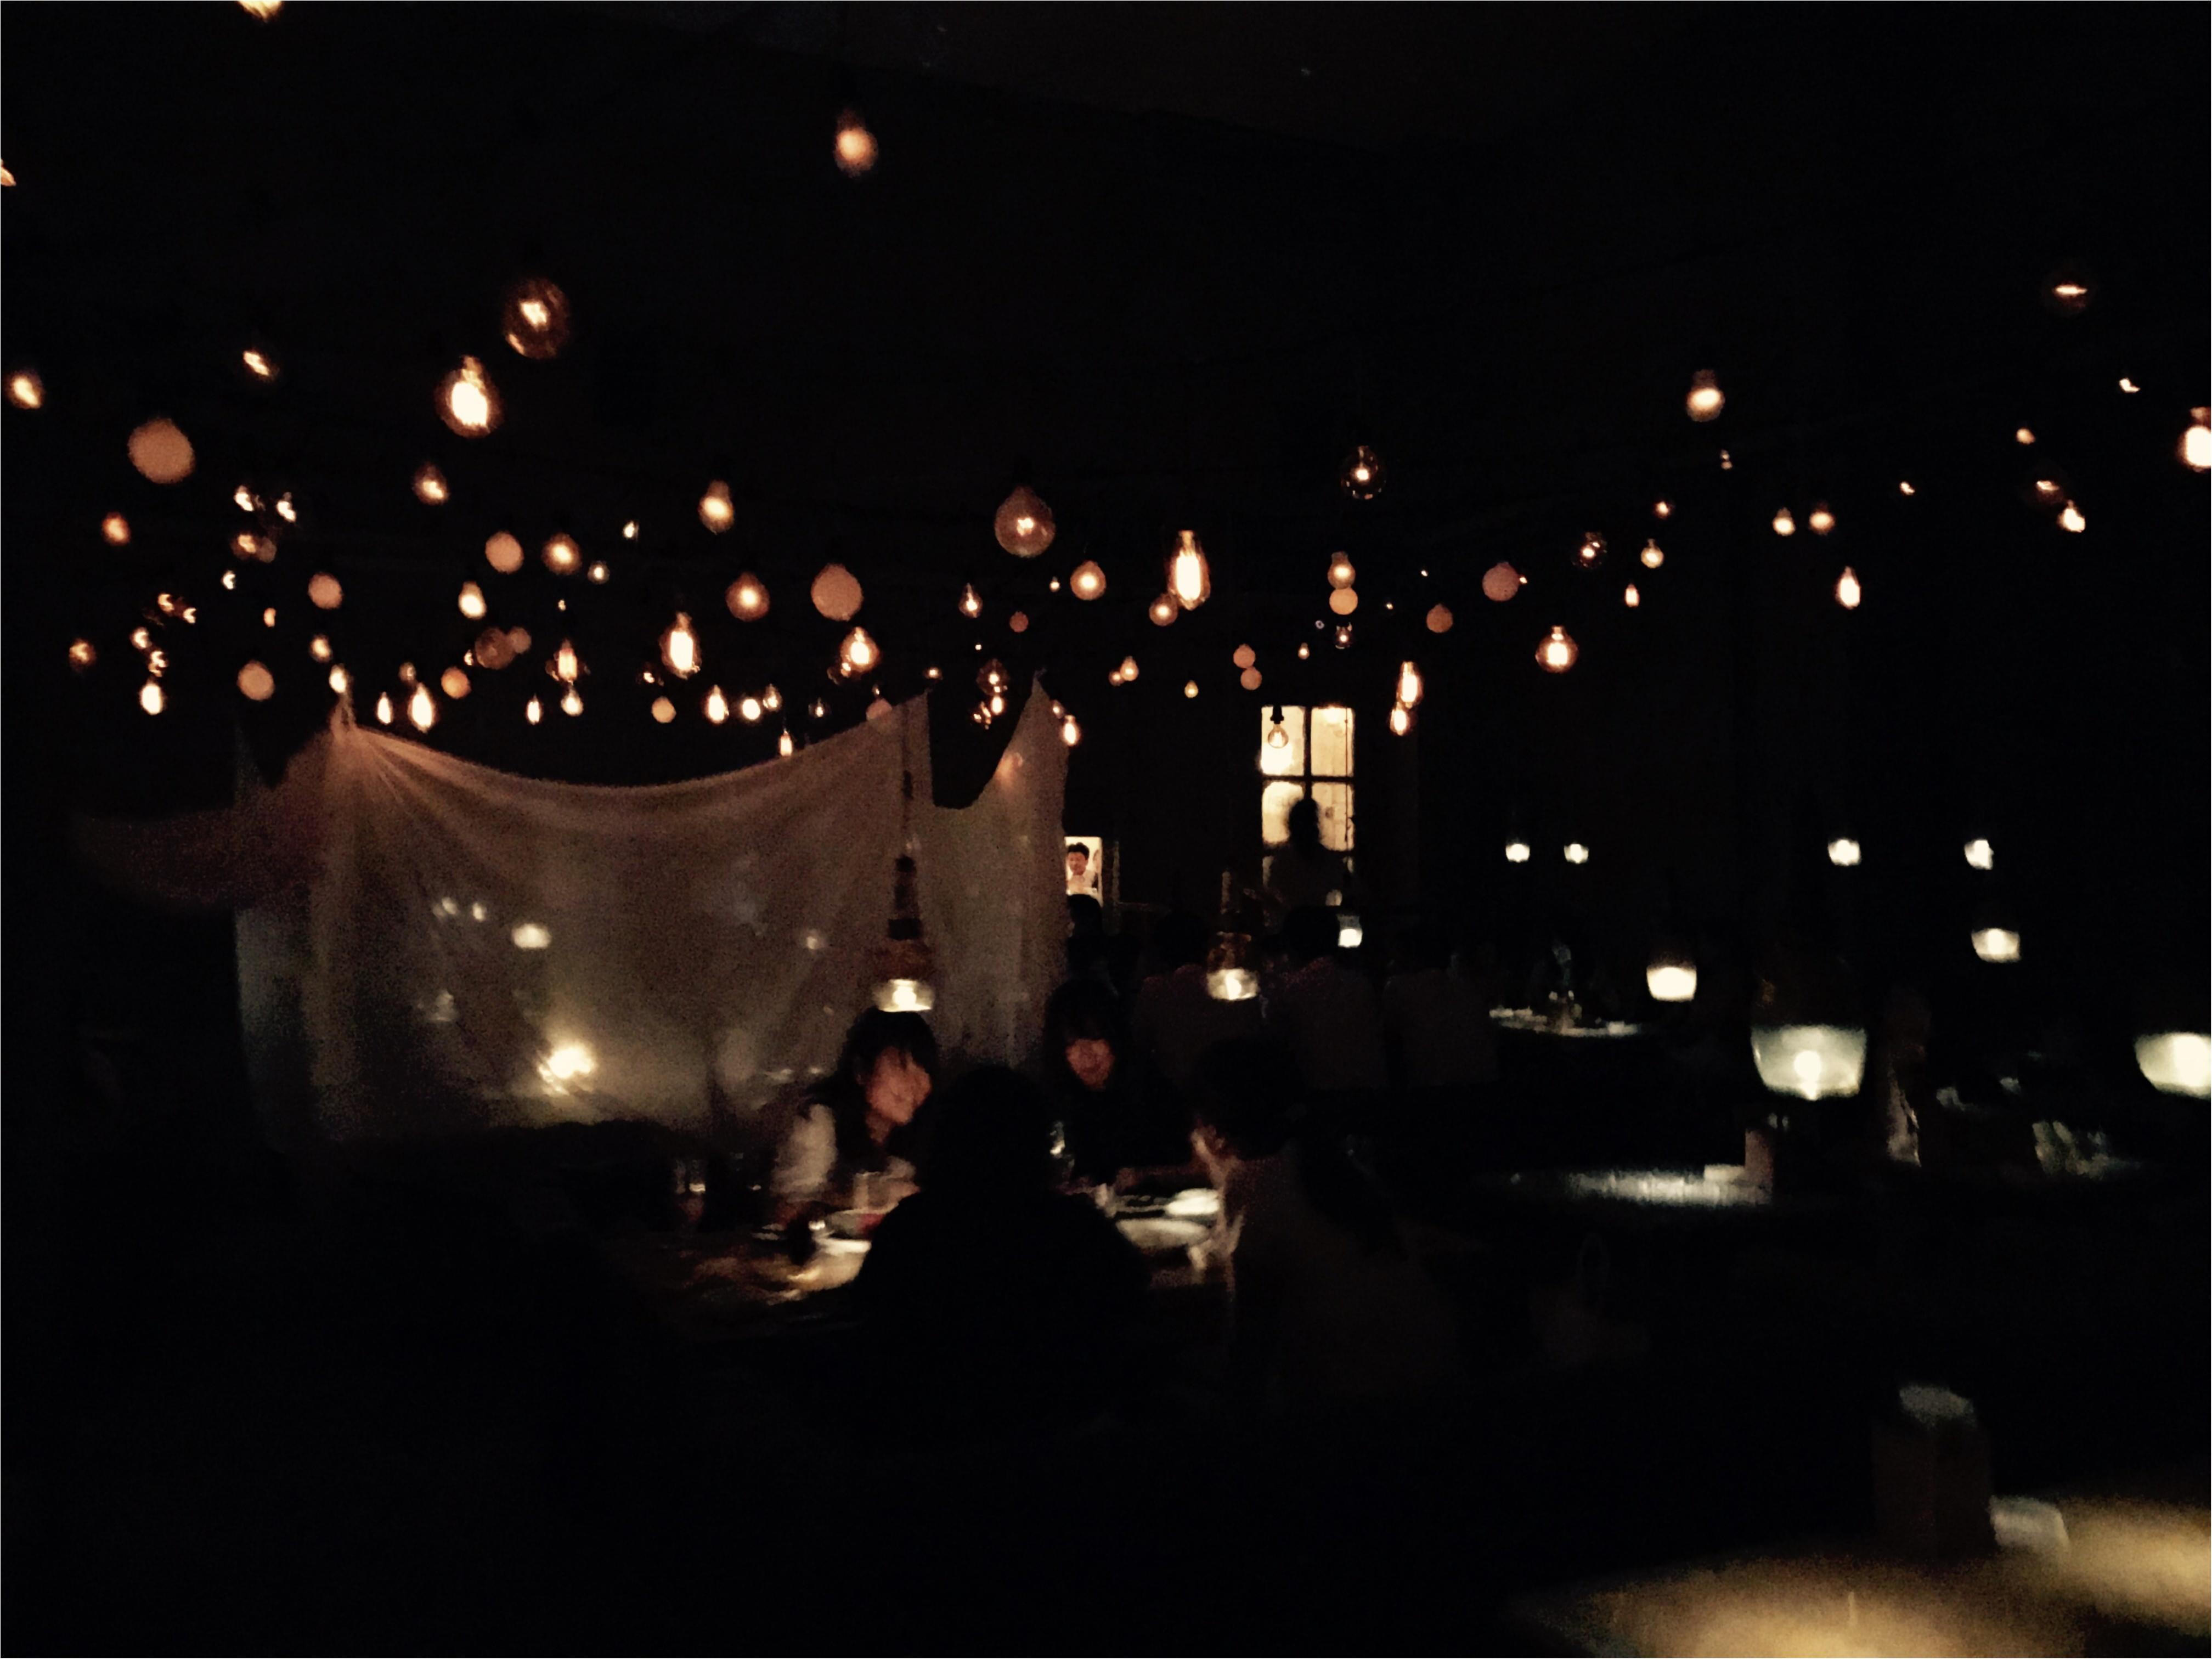 【銀座でお洒落ディナー】5/30 NEWオープン!まるでプラネタリウム!?「and people 銀座」_1